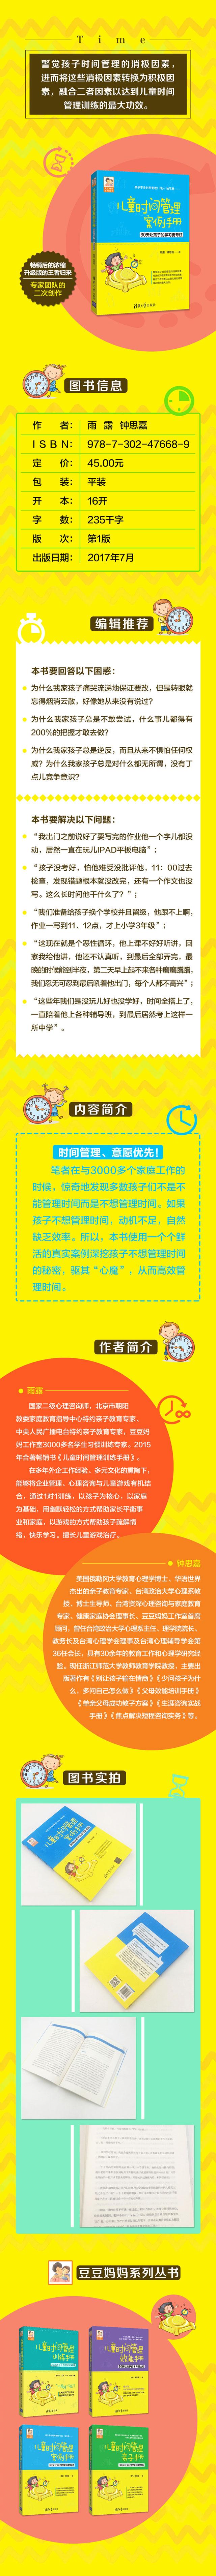 儿童时间管理案例手册-大拉页970.jpg